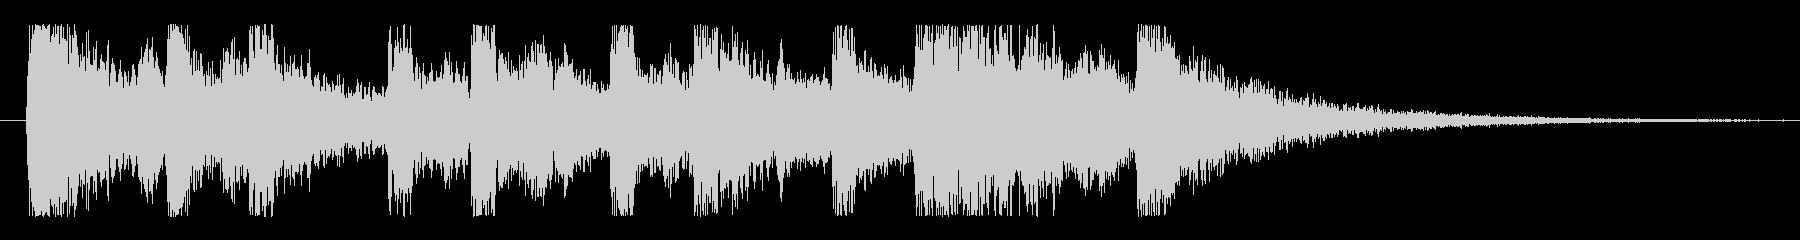 アップテンポなピアノジングルの未再生の波形